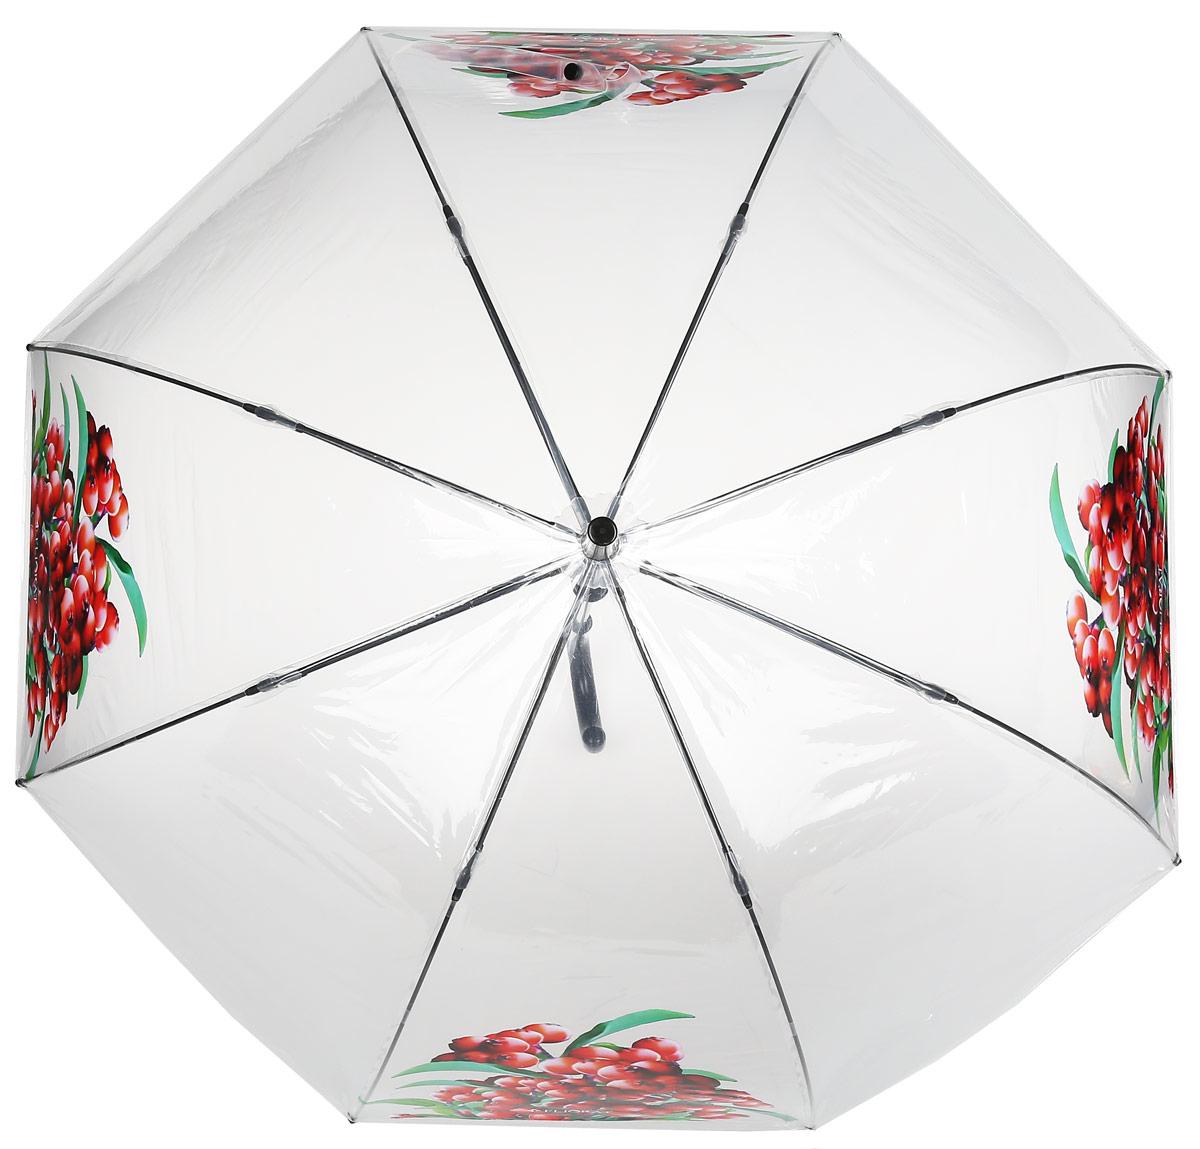 Зонт женский Flioraj, механика, трость, цвет: белый, красный. 121206 FJREM12-CAM-GREENBLACKЭлегантный зонт Flioraj выполнен из высококачественного полиэстера, не пропускающего воду. Уникальный каркас из анодированной стали, карбоновые спицы помогут выдержать натиск ураганного ветра. Улучшенный механизм зонта, максимально комфортная ручка держателя, увеличенный в длину стержень, тефлоновая пропитка материала купола - совершенство конструкции с изысканностью изделия на фоне конкурентоспособной цены.